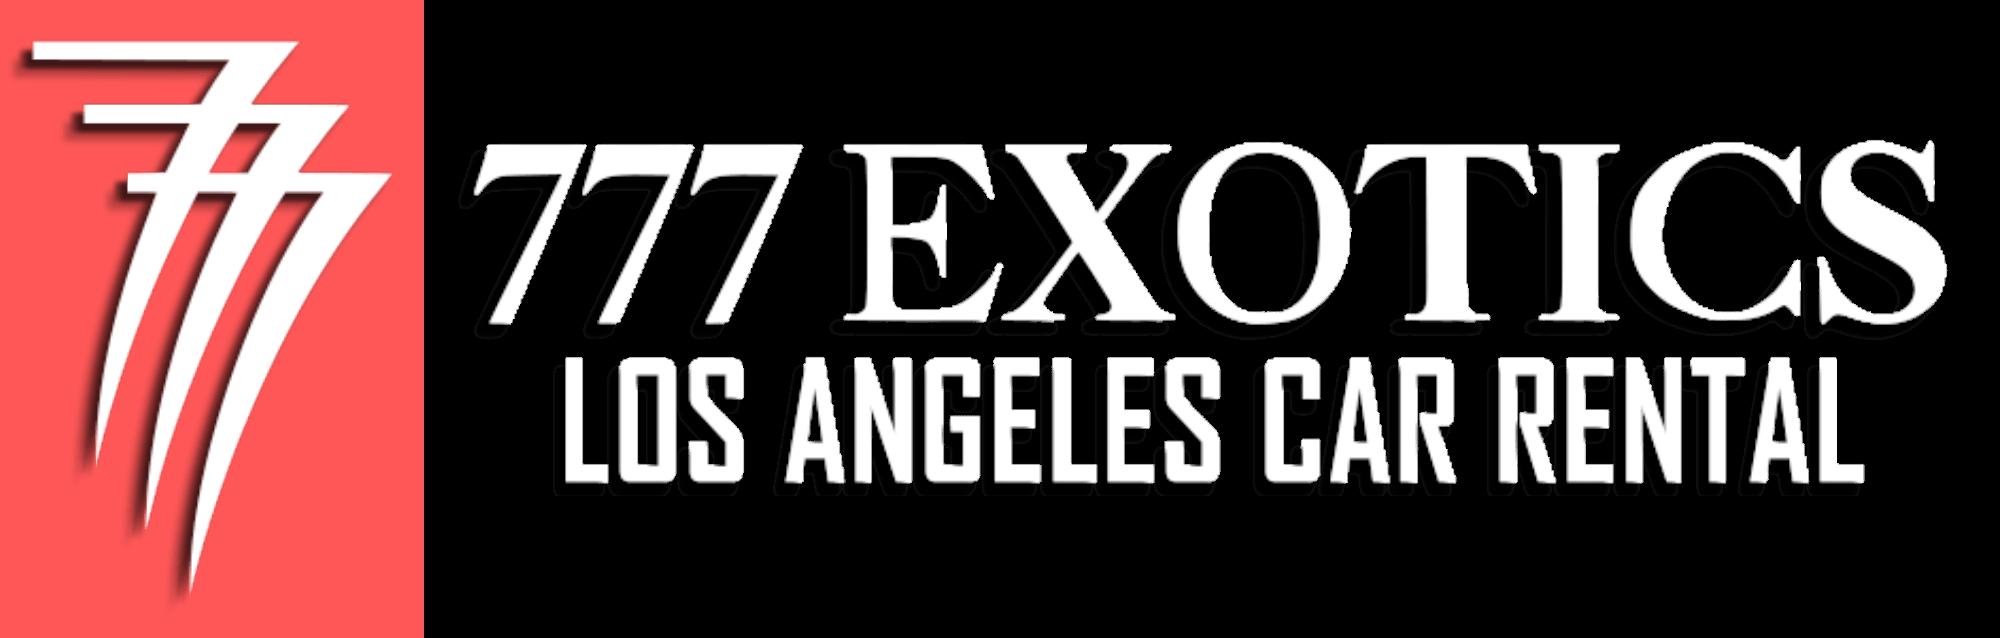 777-Exotics-logo-2x.png